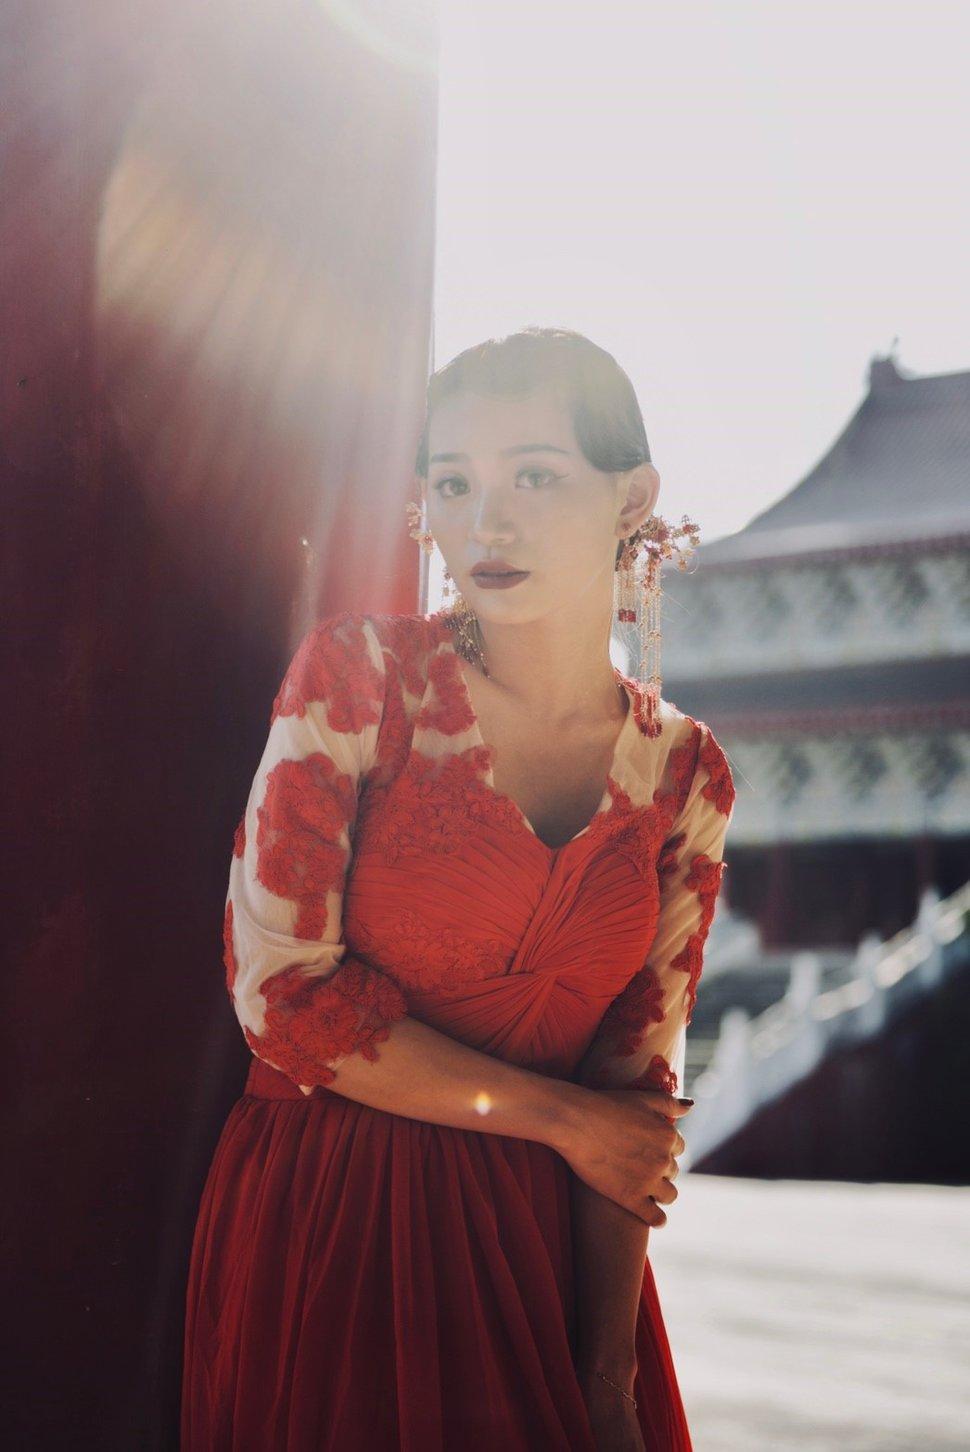 新年主題 By梵哲_190410_0020 - Zona時尚美甲x新娘秘書整體造型工作室《結婚吧》